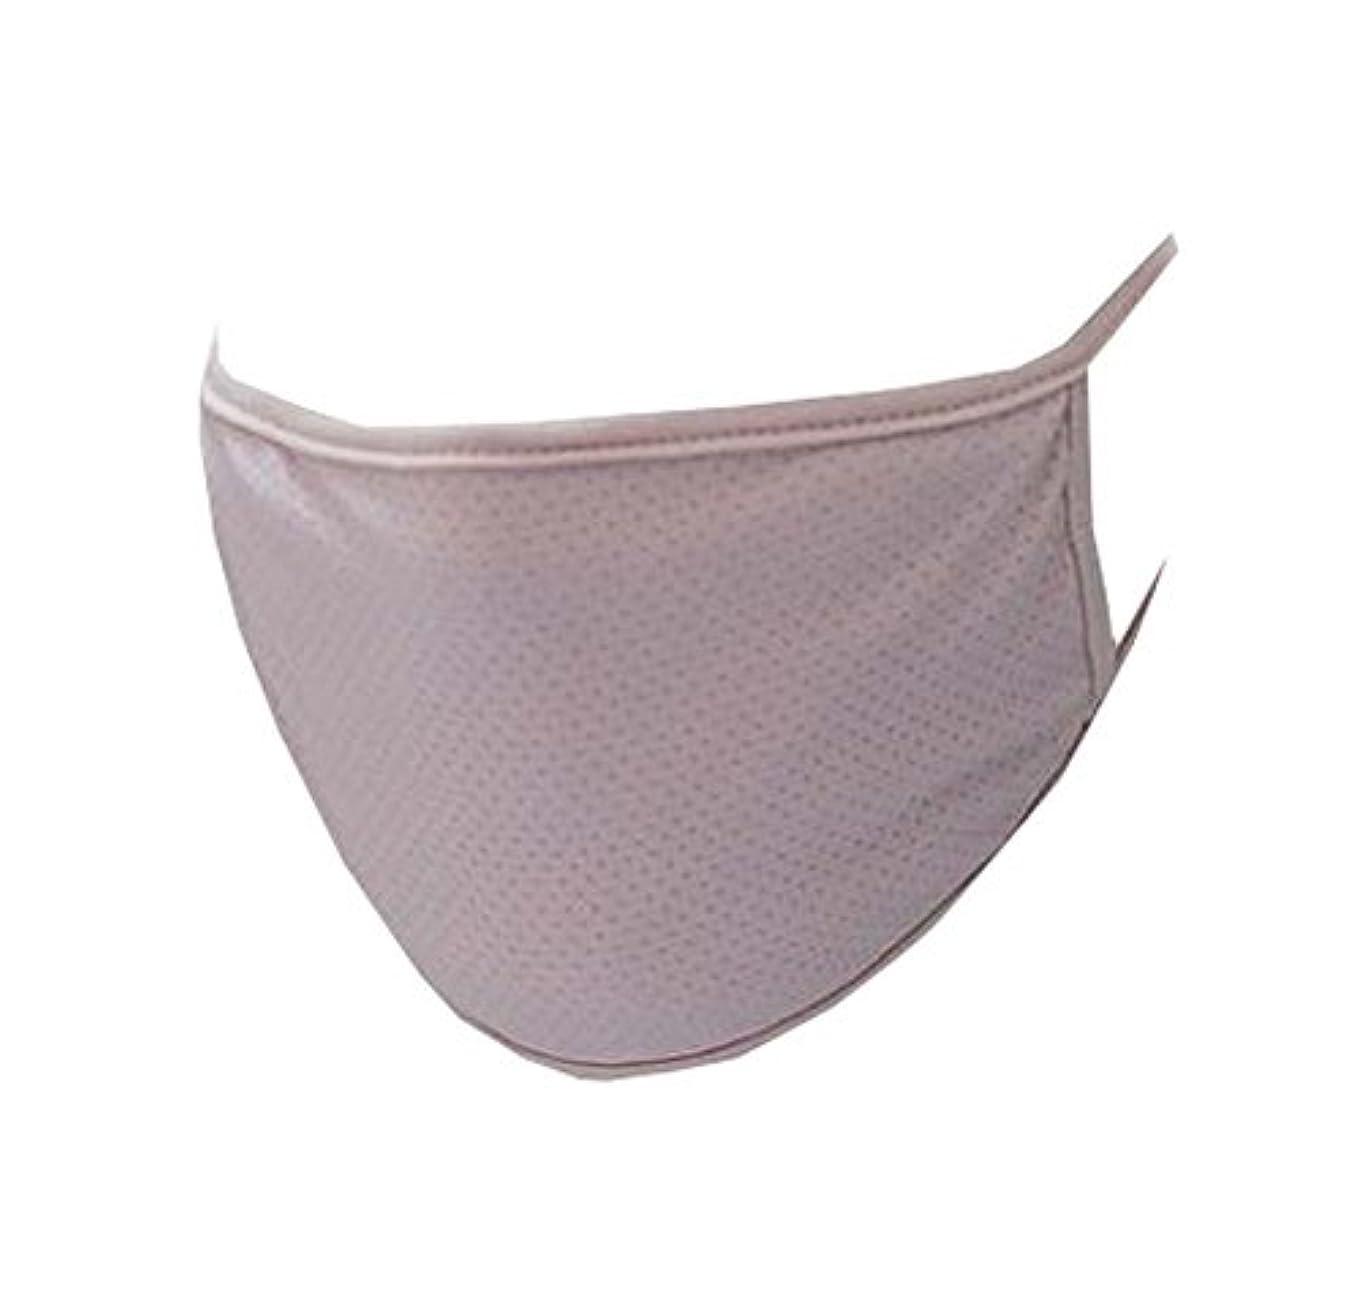 入口マウンド方法口マスク、再使用可能フィルター - 埃、花粉、アレルゲン、抗UV、およびインフルエンザ菌 - F